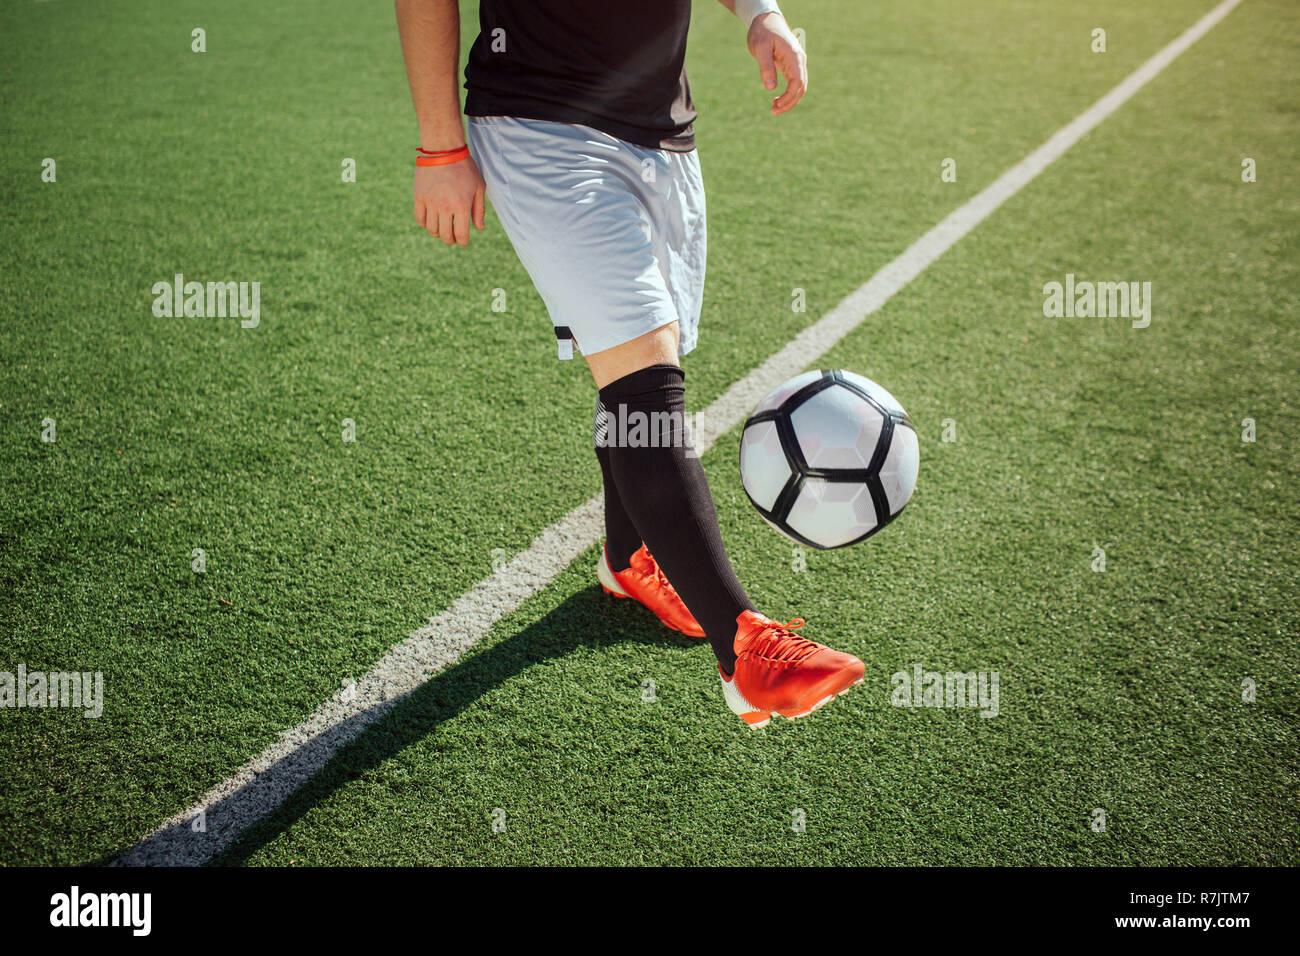 Schnittansicht Des Menschen Spielen Er Tritt Den Ball Mit